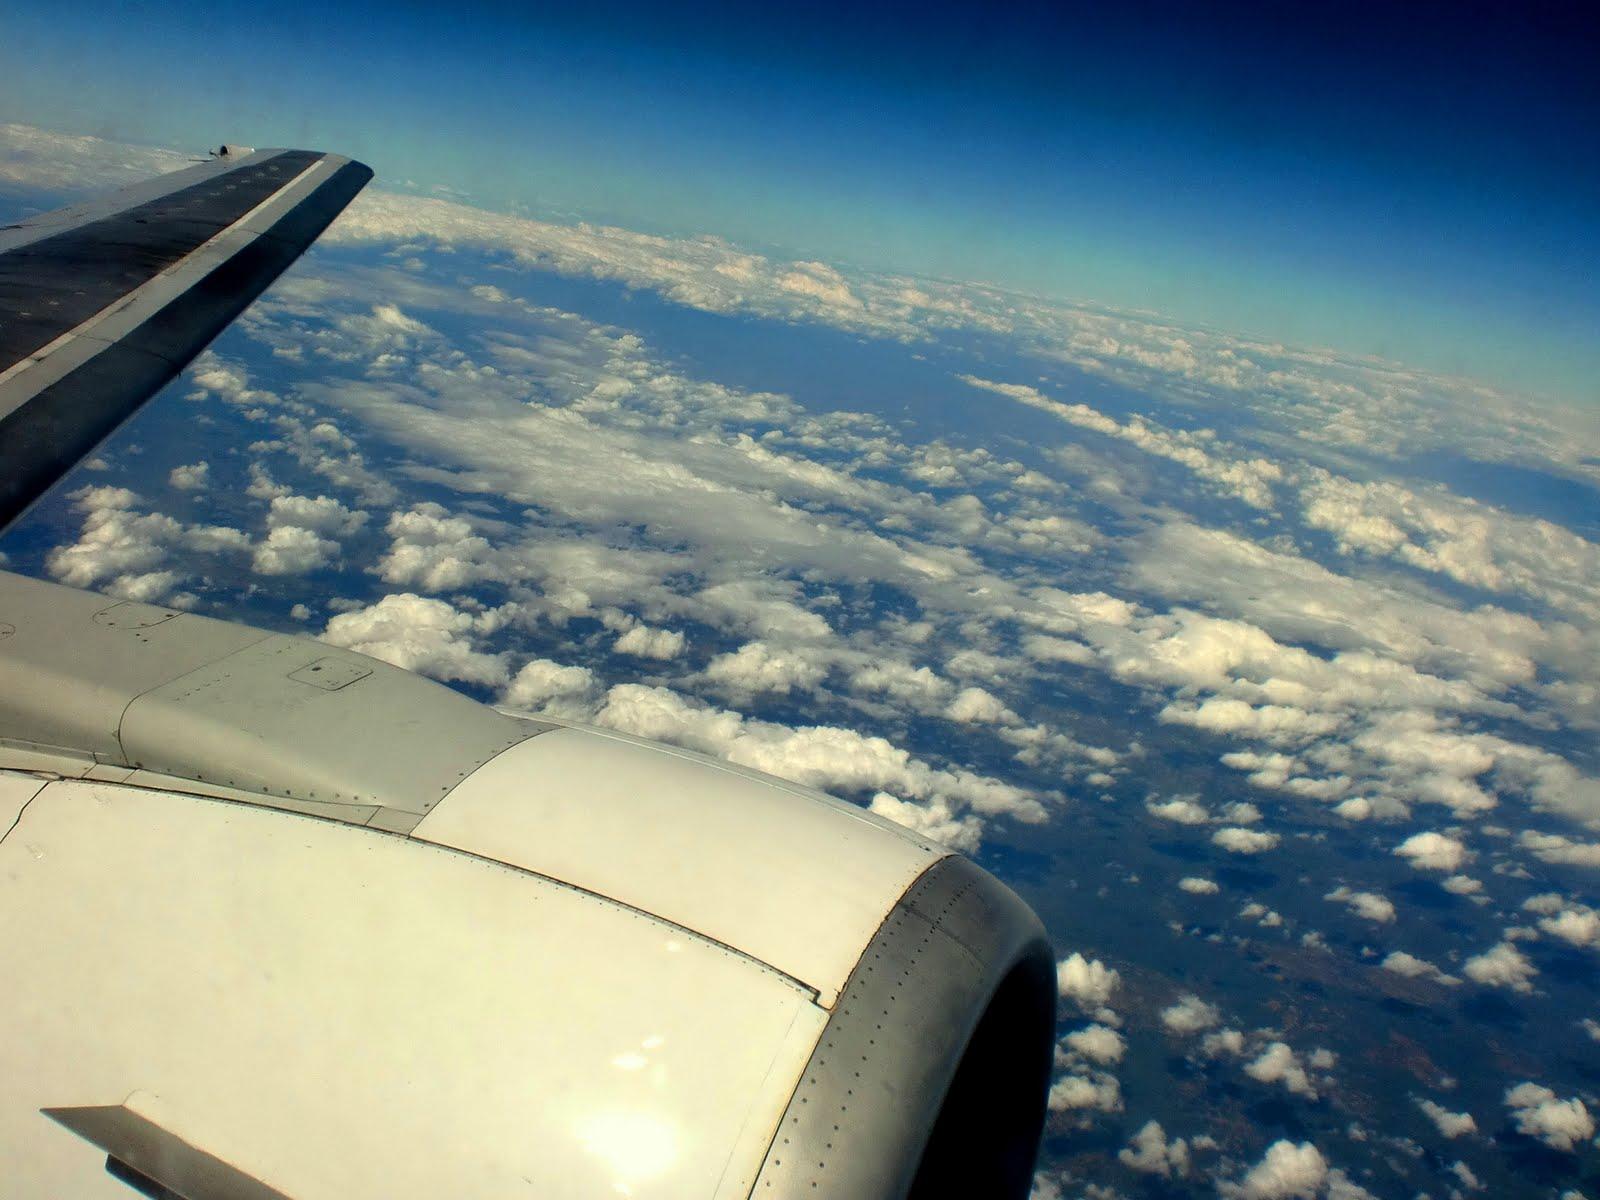 http://3.bp.blogspot.com/-RA2hPXkQKVY/ThwSiTLT6xI/AAAAAAAAApM/0jI-NPNYvN8/s1600/plane2.jpg